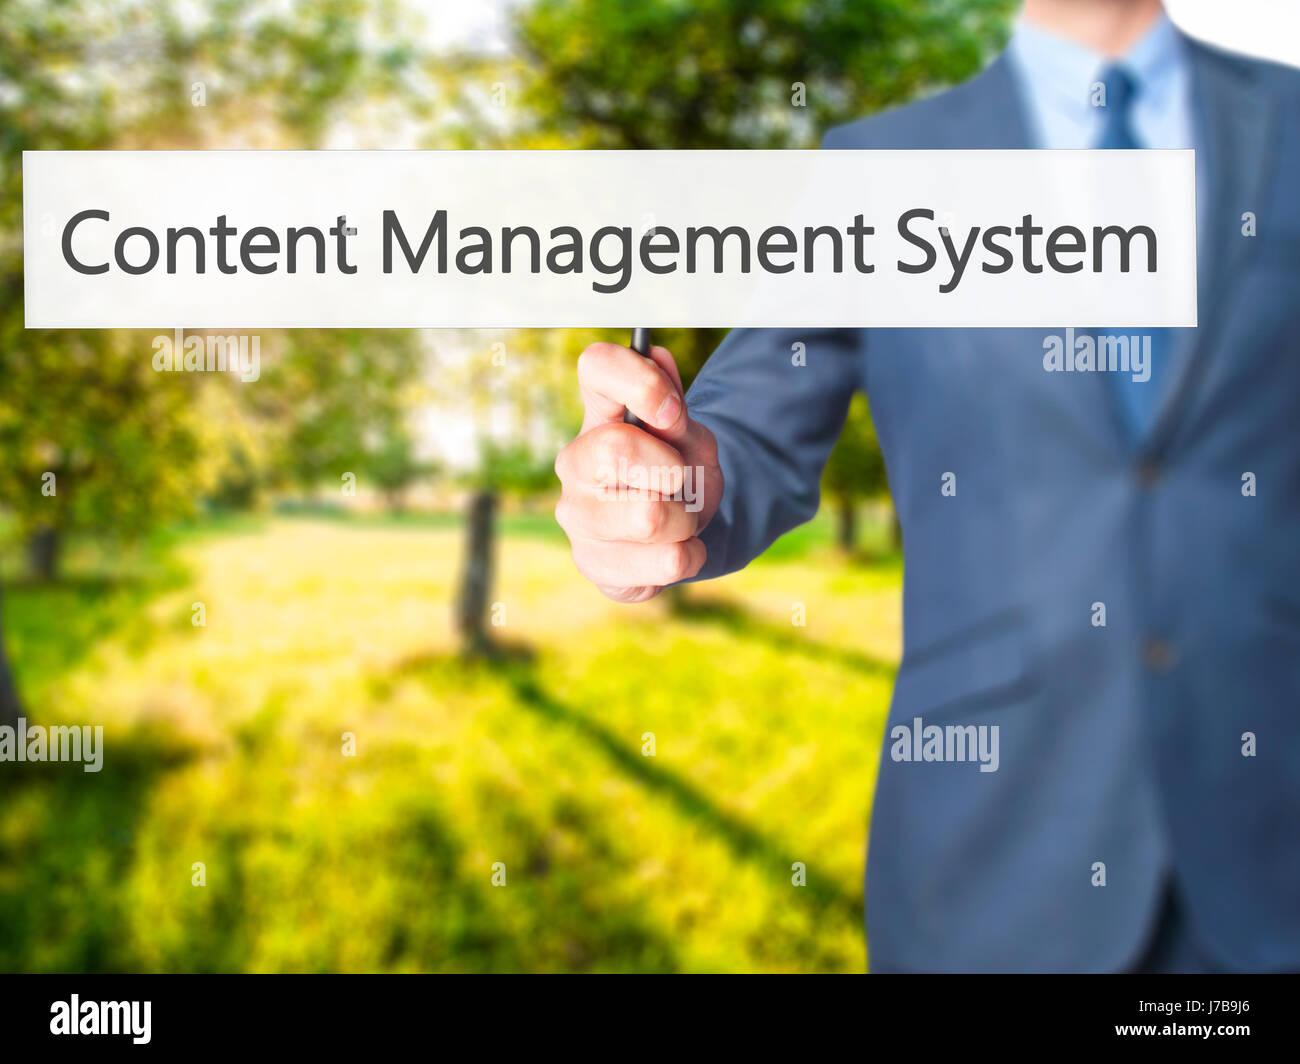 system management Adult content